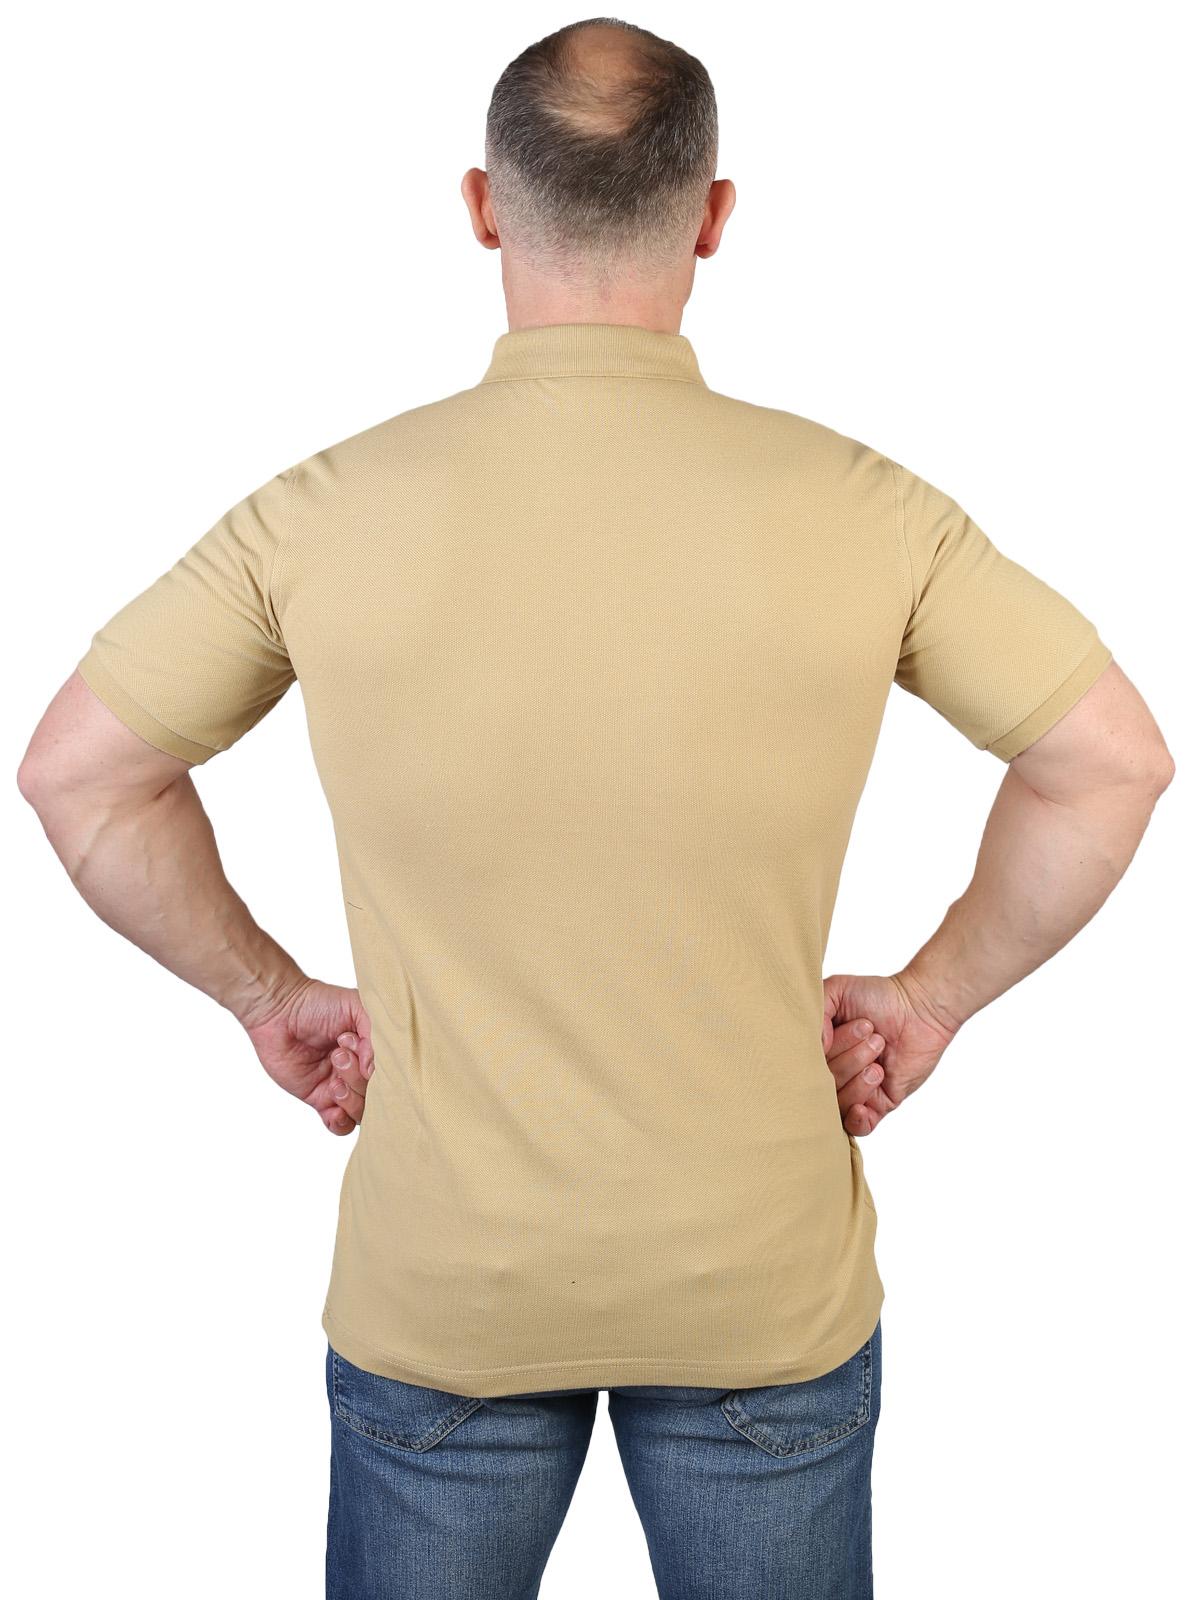 Хлопковая песочная футболка-поло с вышивкой РХБЗ